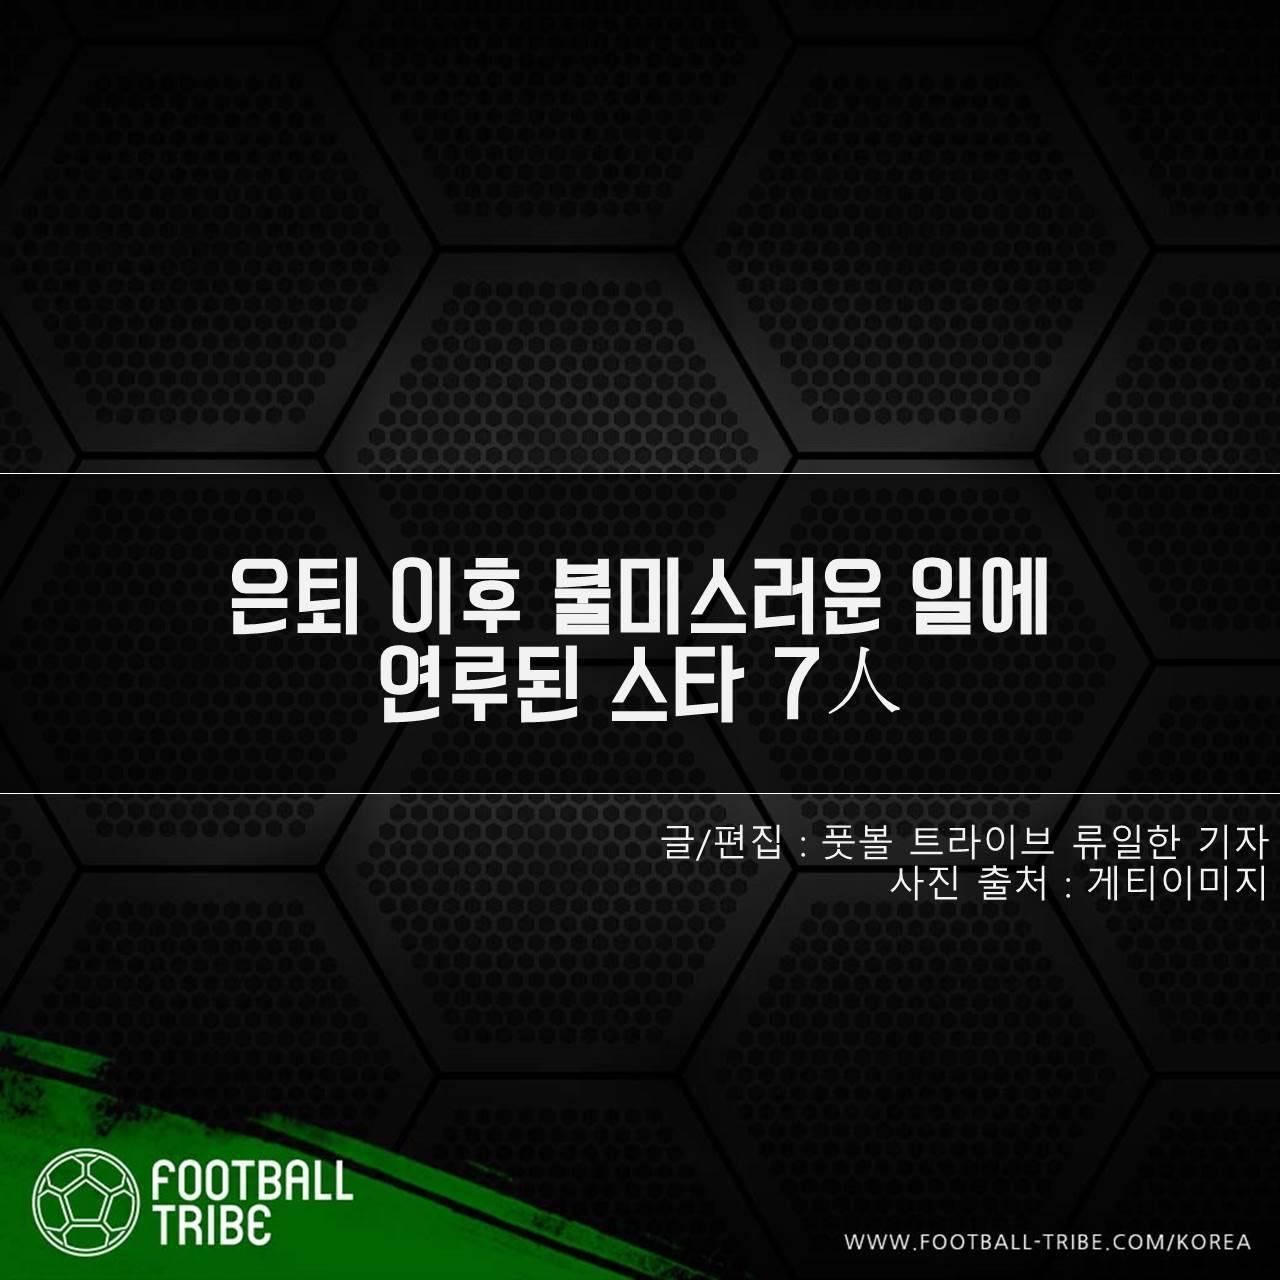 [카드 뉴스] 은퇴 이후 불미스러운 일에 연루된 스타 7人